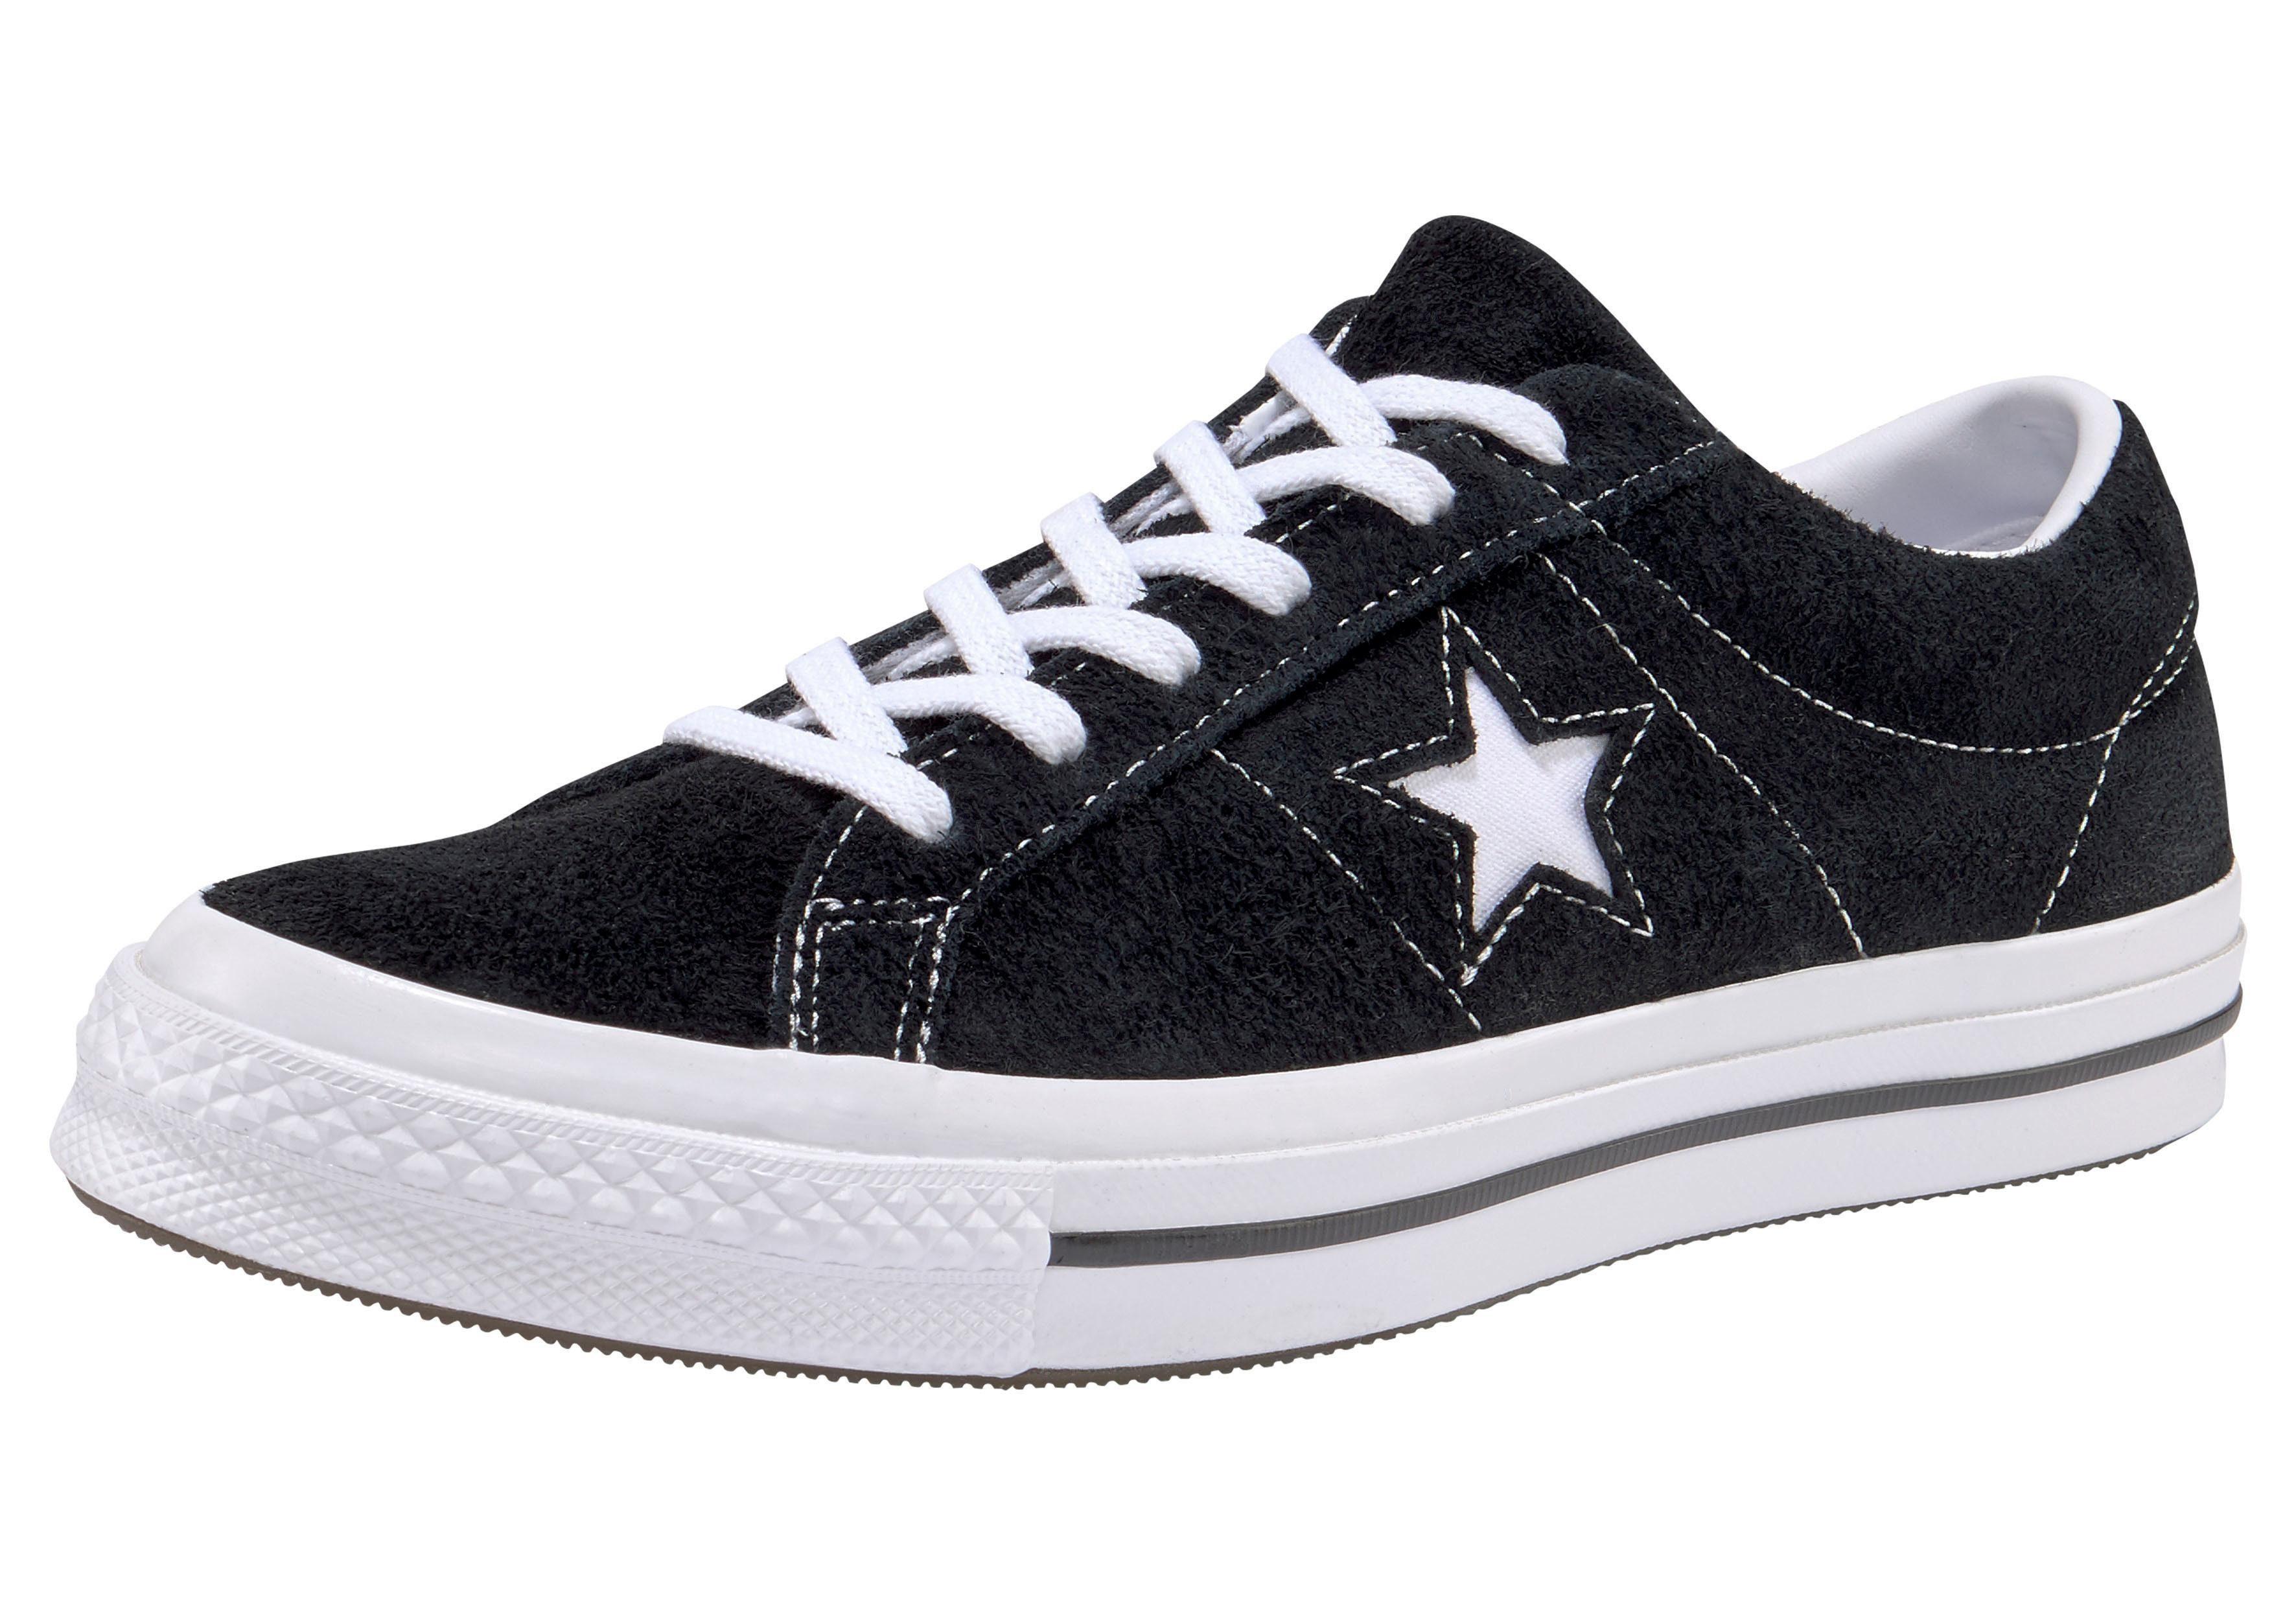 Online KaufenOtto Star Gummilaufsohle SneakerStrapazierfähige Converse Ox« »one 54LAj3R